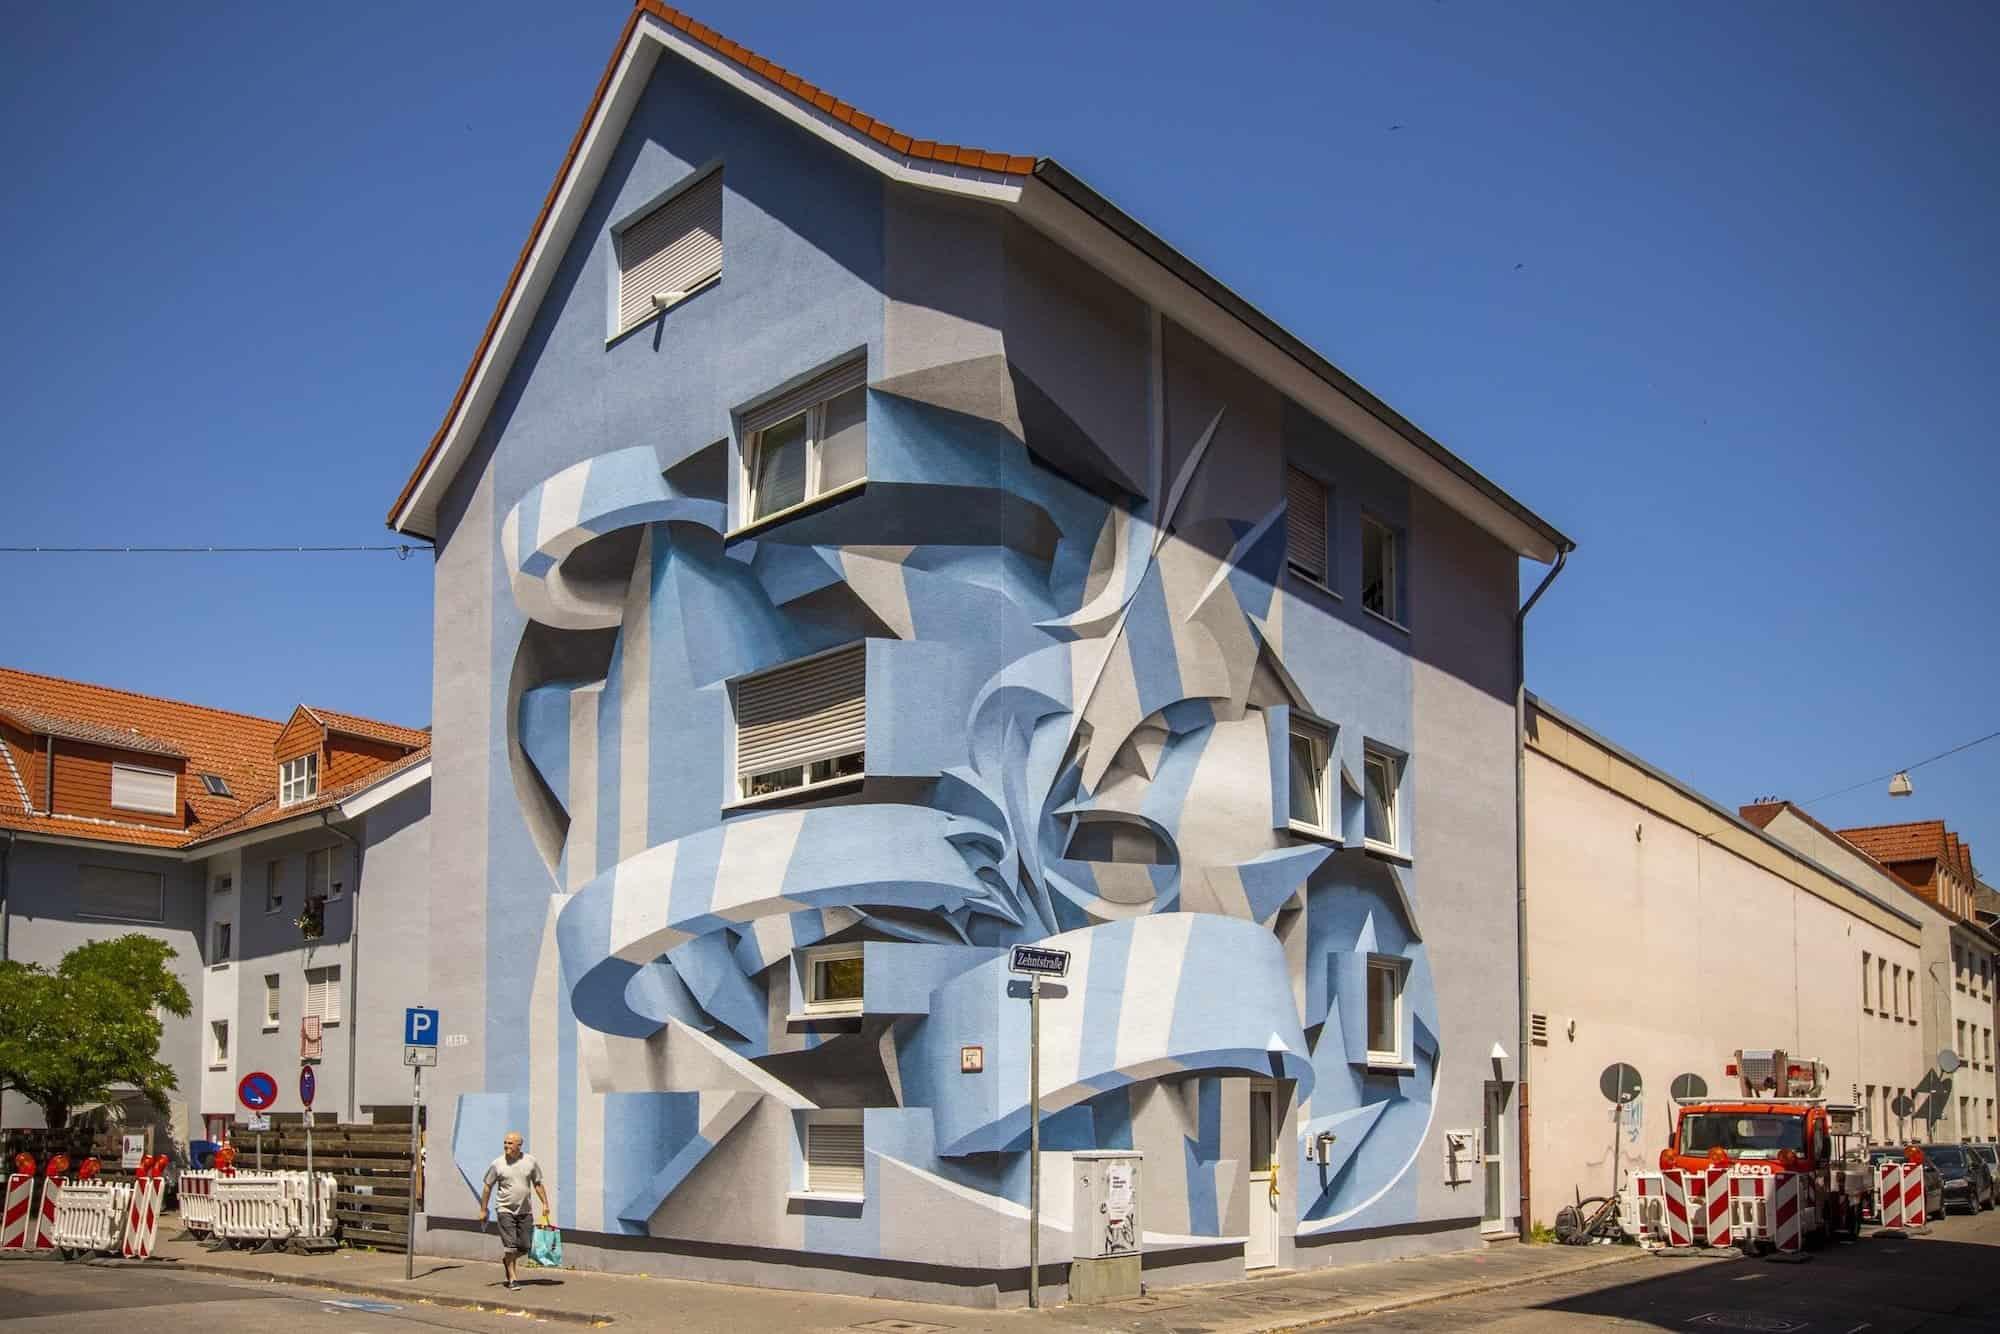 Duizelingwekkende street art van Peeta